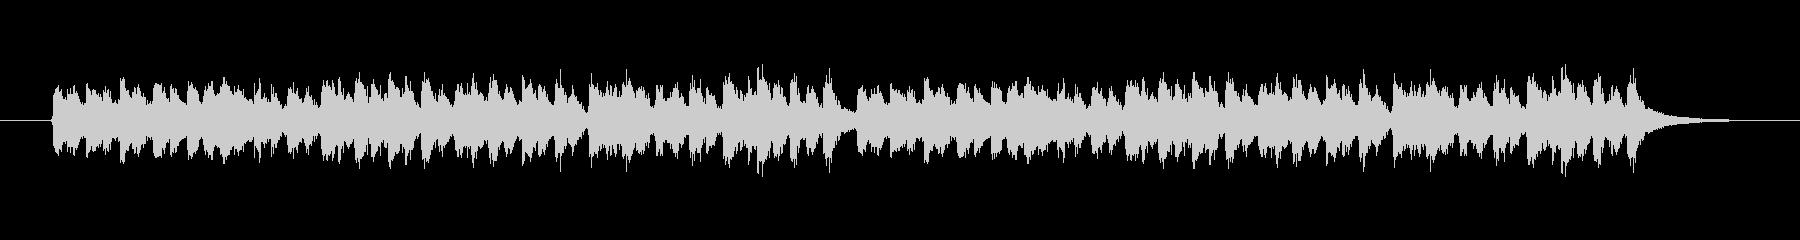 ロシア風のアコーディオンのジングルロングの未再生の波形